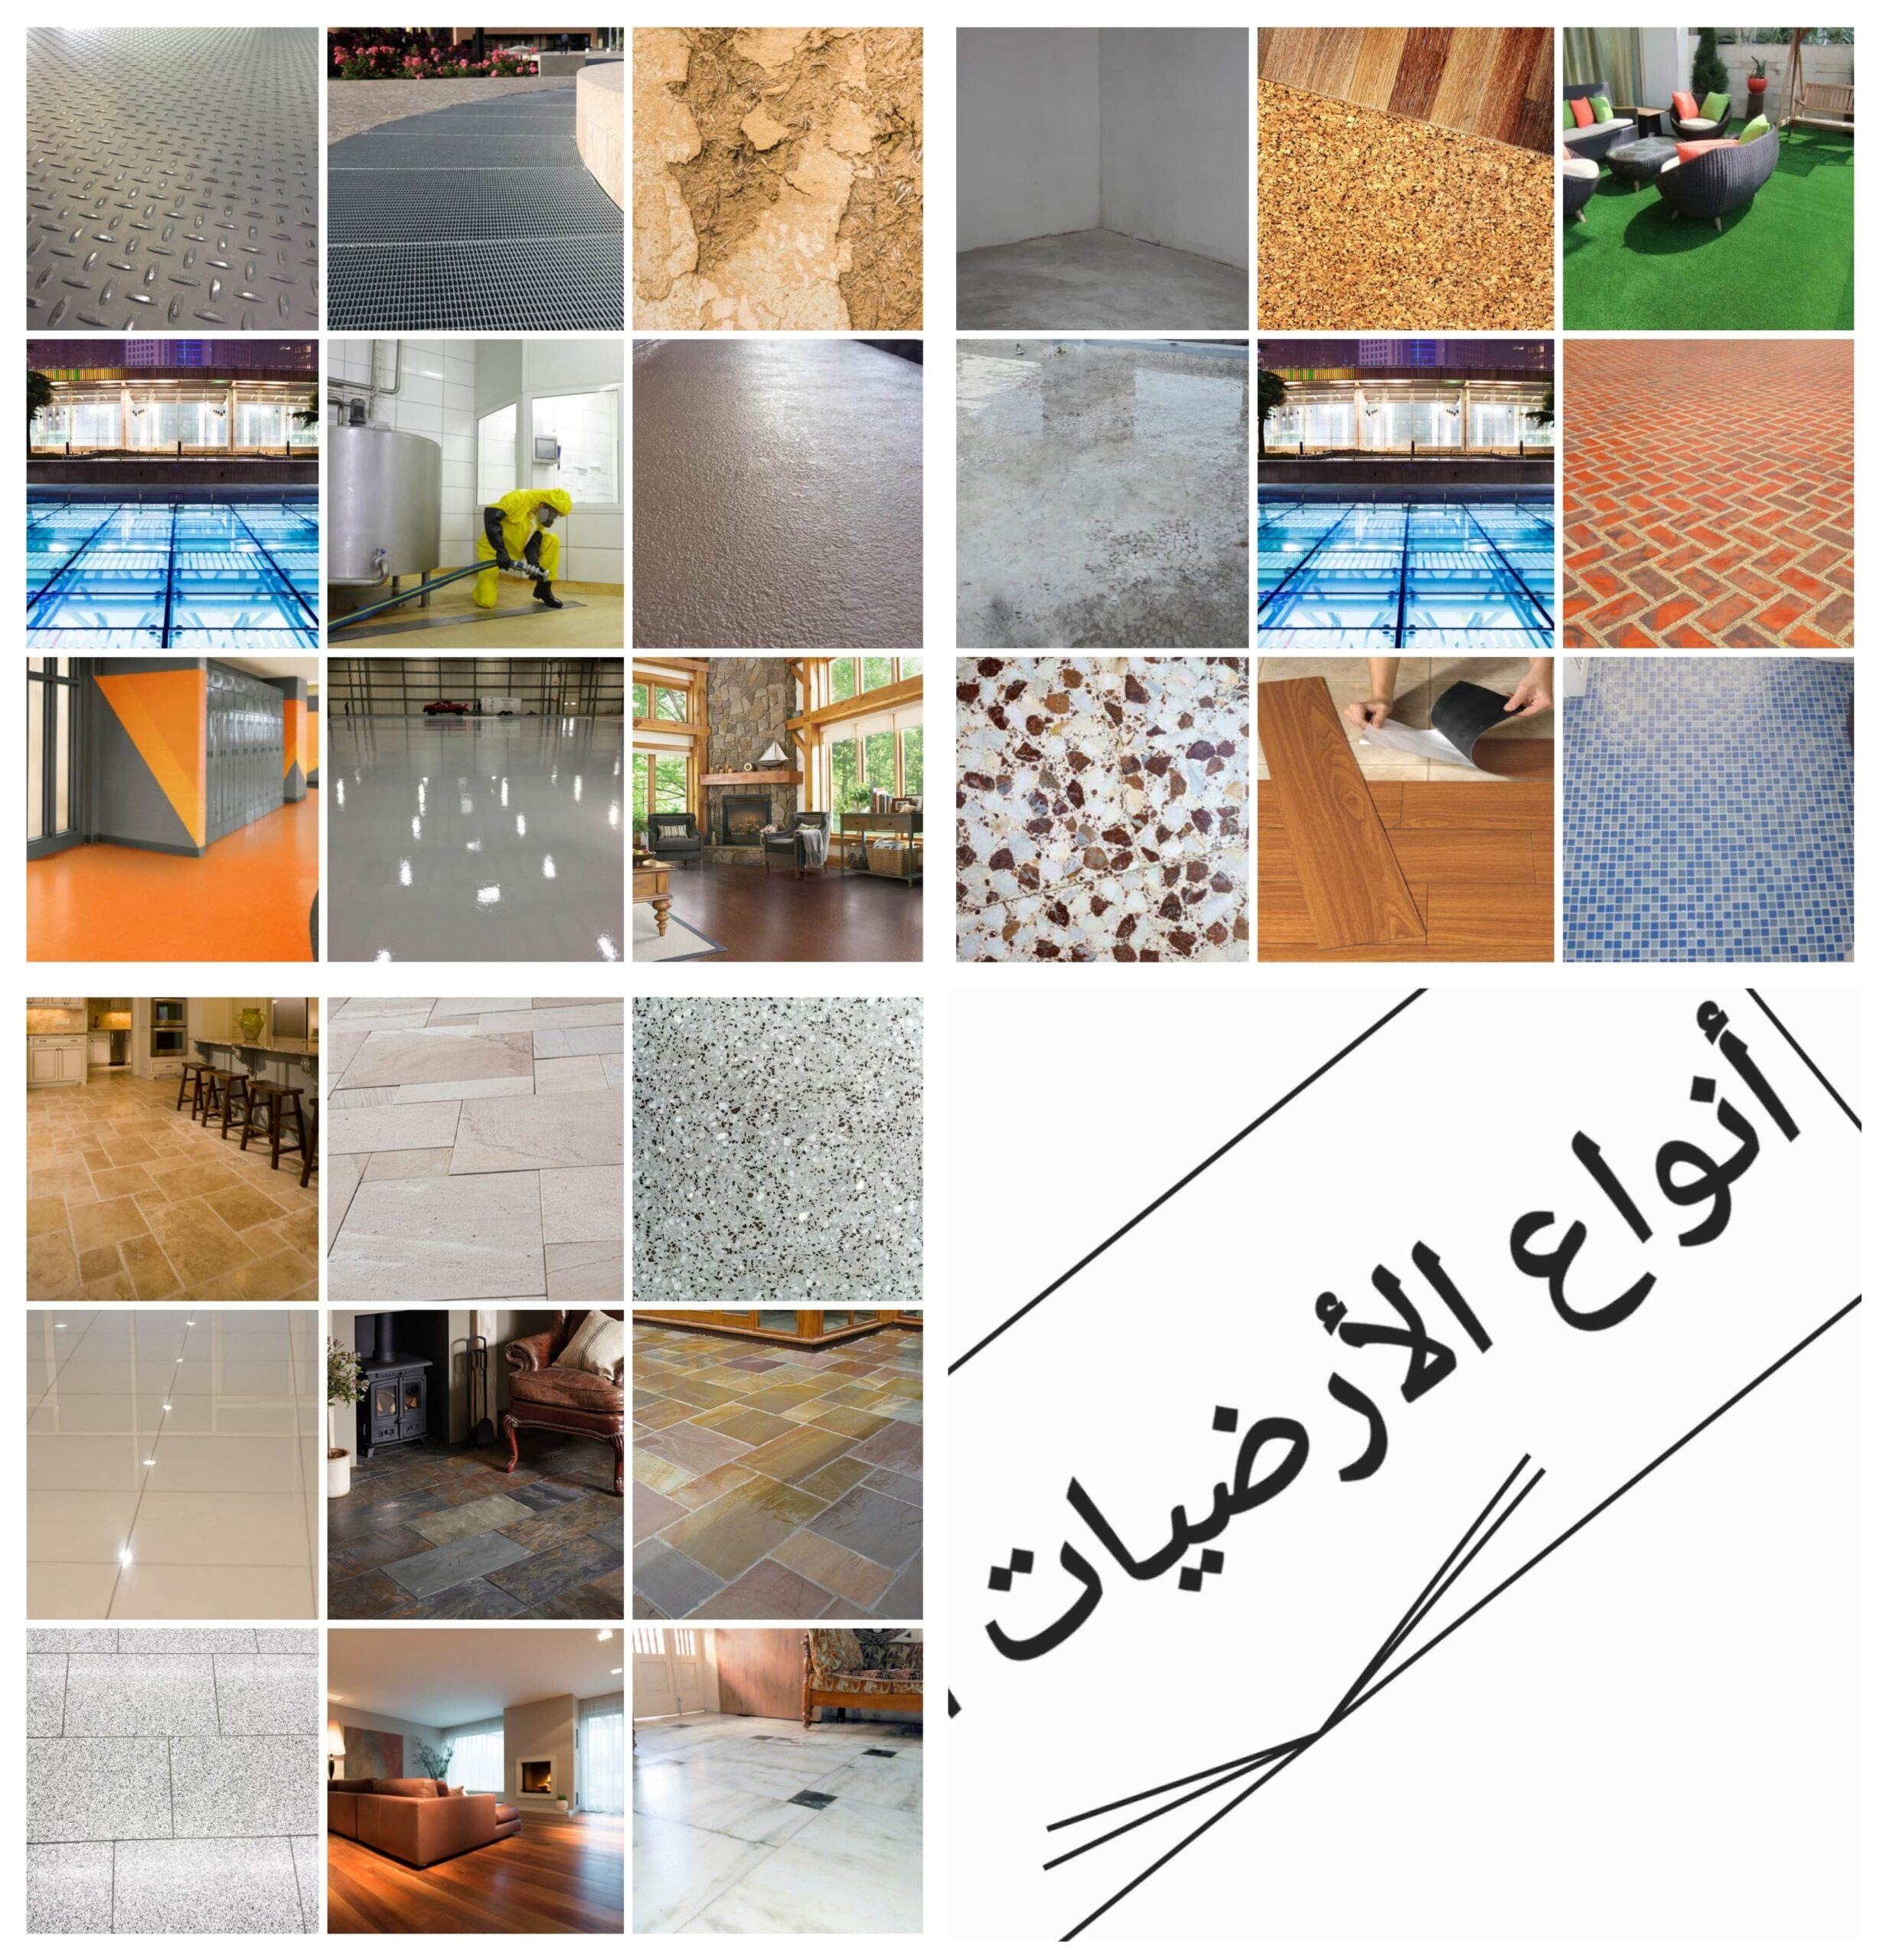 أفضل أنواع ومواد الأرضيات لتعزيز قيمة منزلك